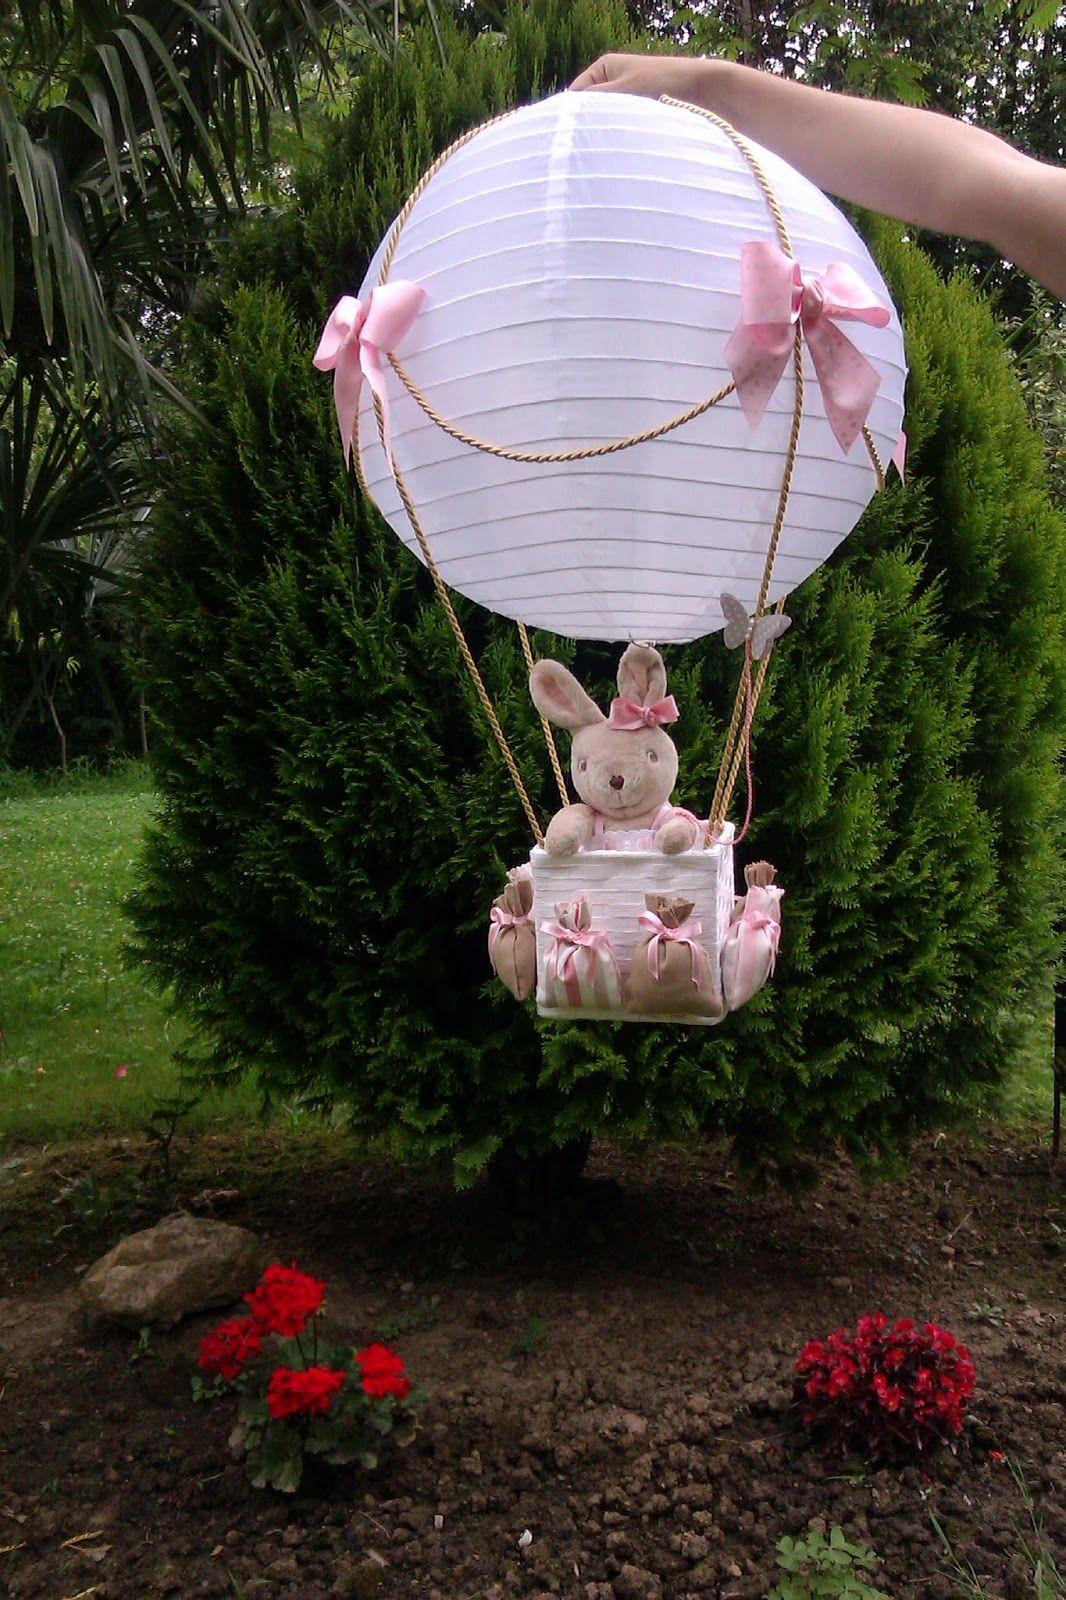 Baby Geschenke, Fotoshooting, Kinderzimmer, Dekoration, Kreativ, Basteln,  Babywindel Handwerk, Babyparty Mädchen, Mädchen Dusche